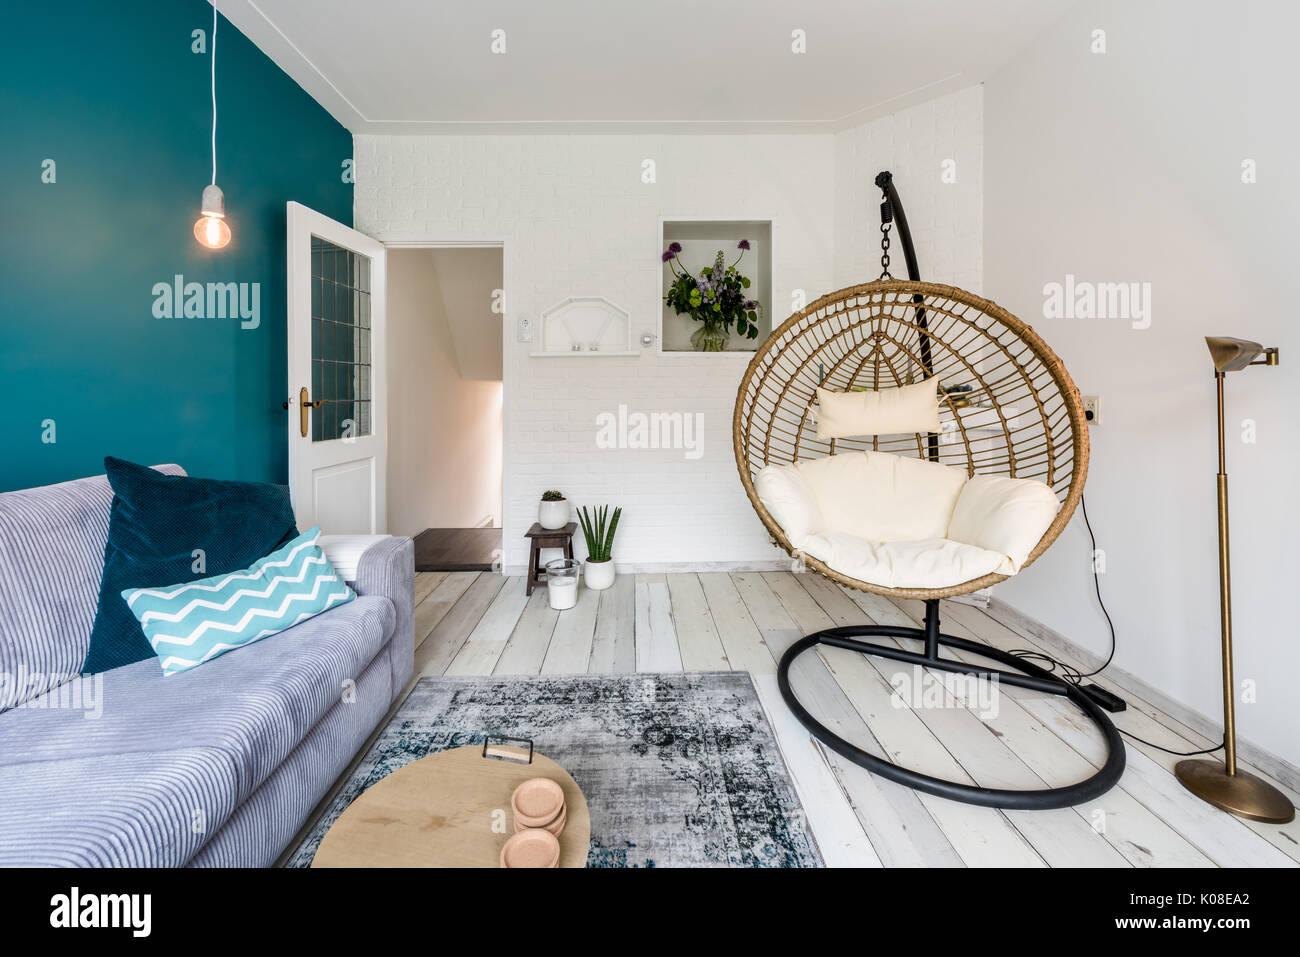 Gemütliches Wohnzimmer mit hängenden Sessel und das Sofa